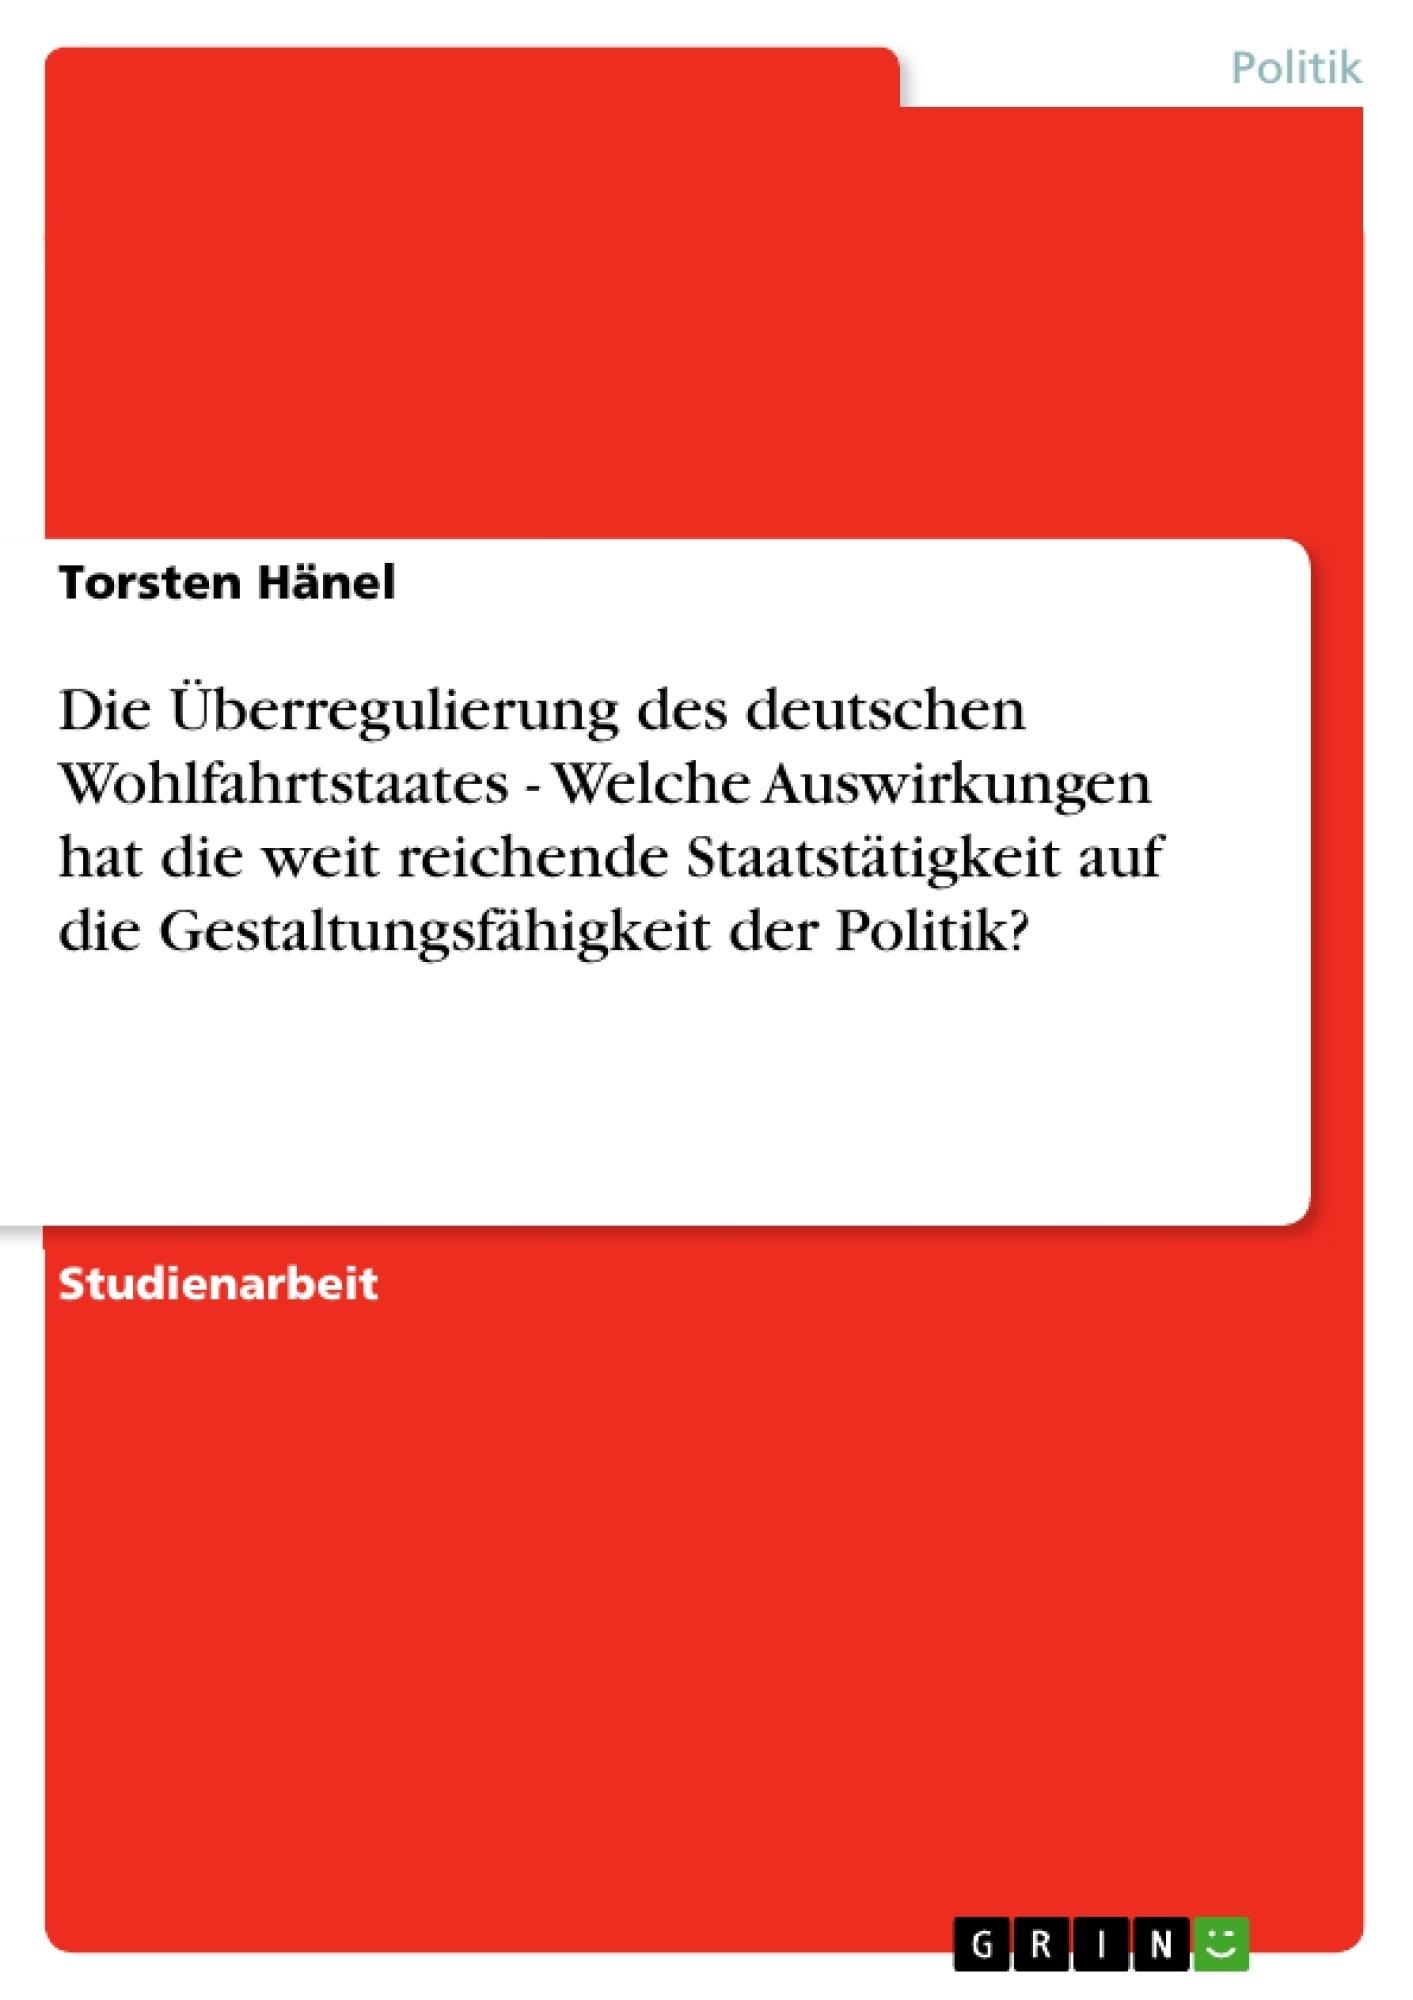 Titel: Die Überregulierung des deutschen Wohlfahrtstaates - Welche Auswirkungen hat die weit reichende Staatstätigkeit auf die Gestaltungsfähigkeit der Politik?